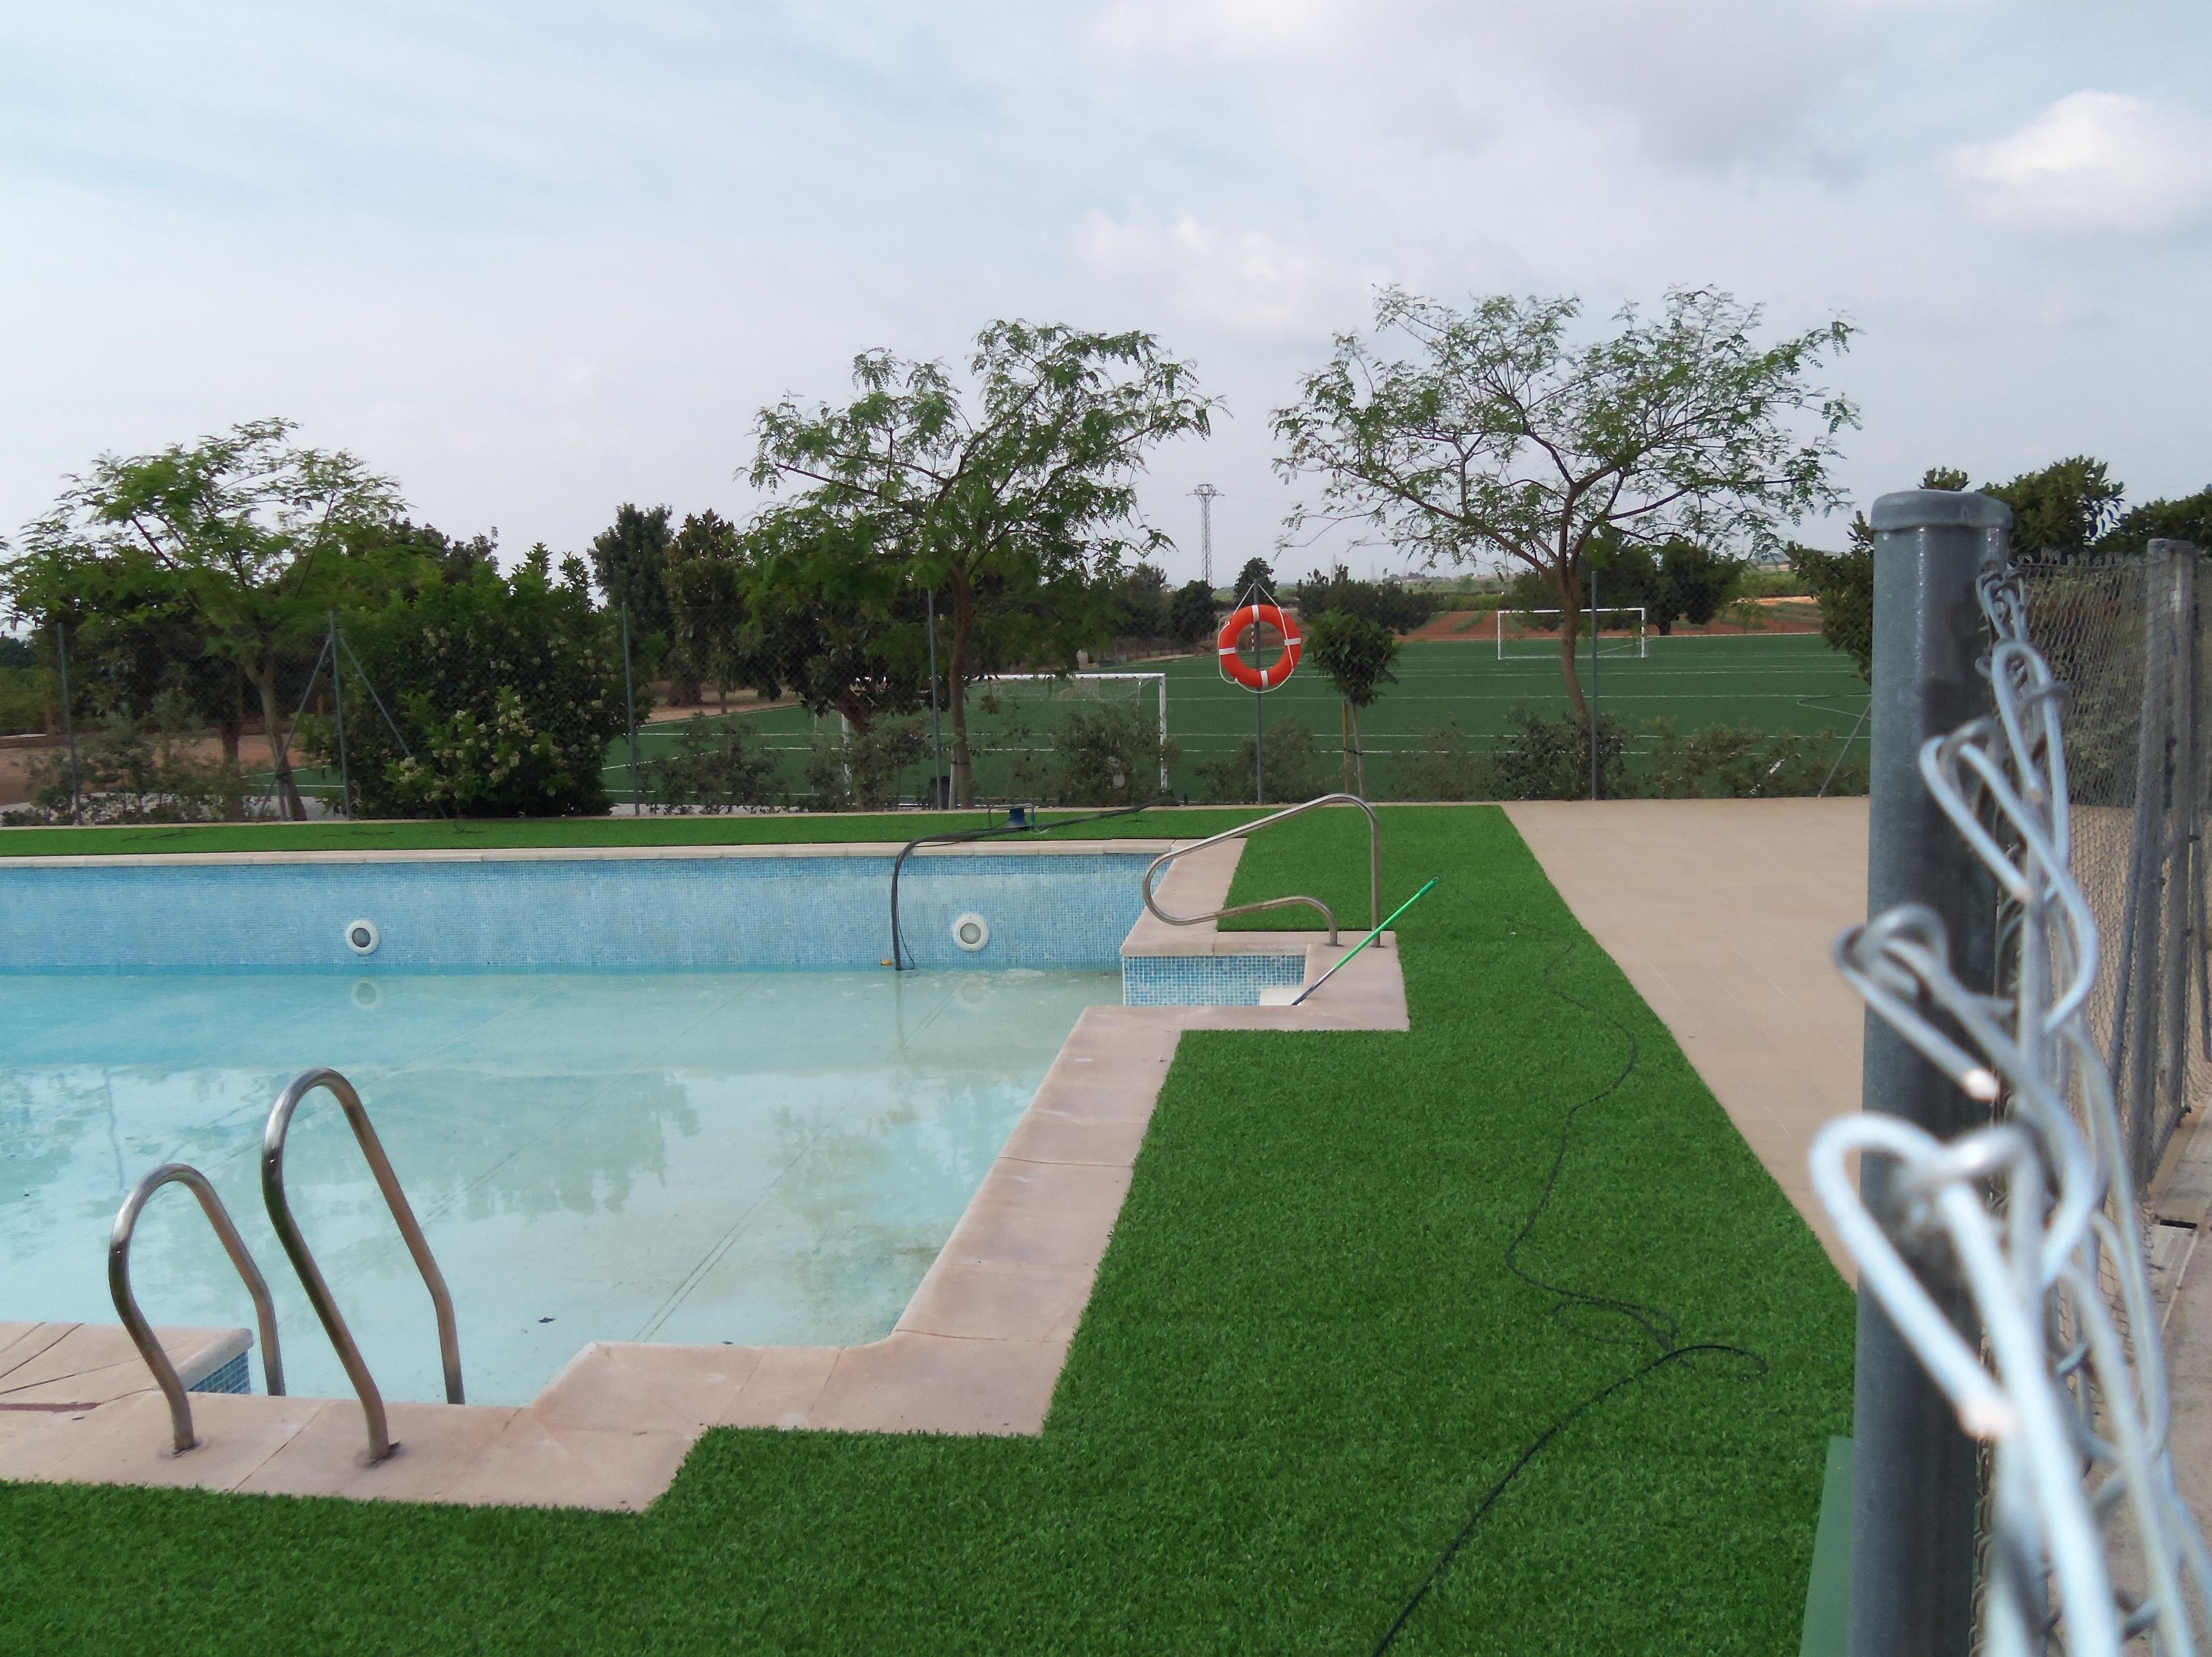 Proyecto Ches Pa piscina Colegio Alfinach - Después.......